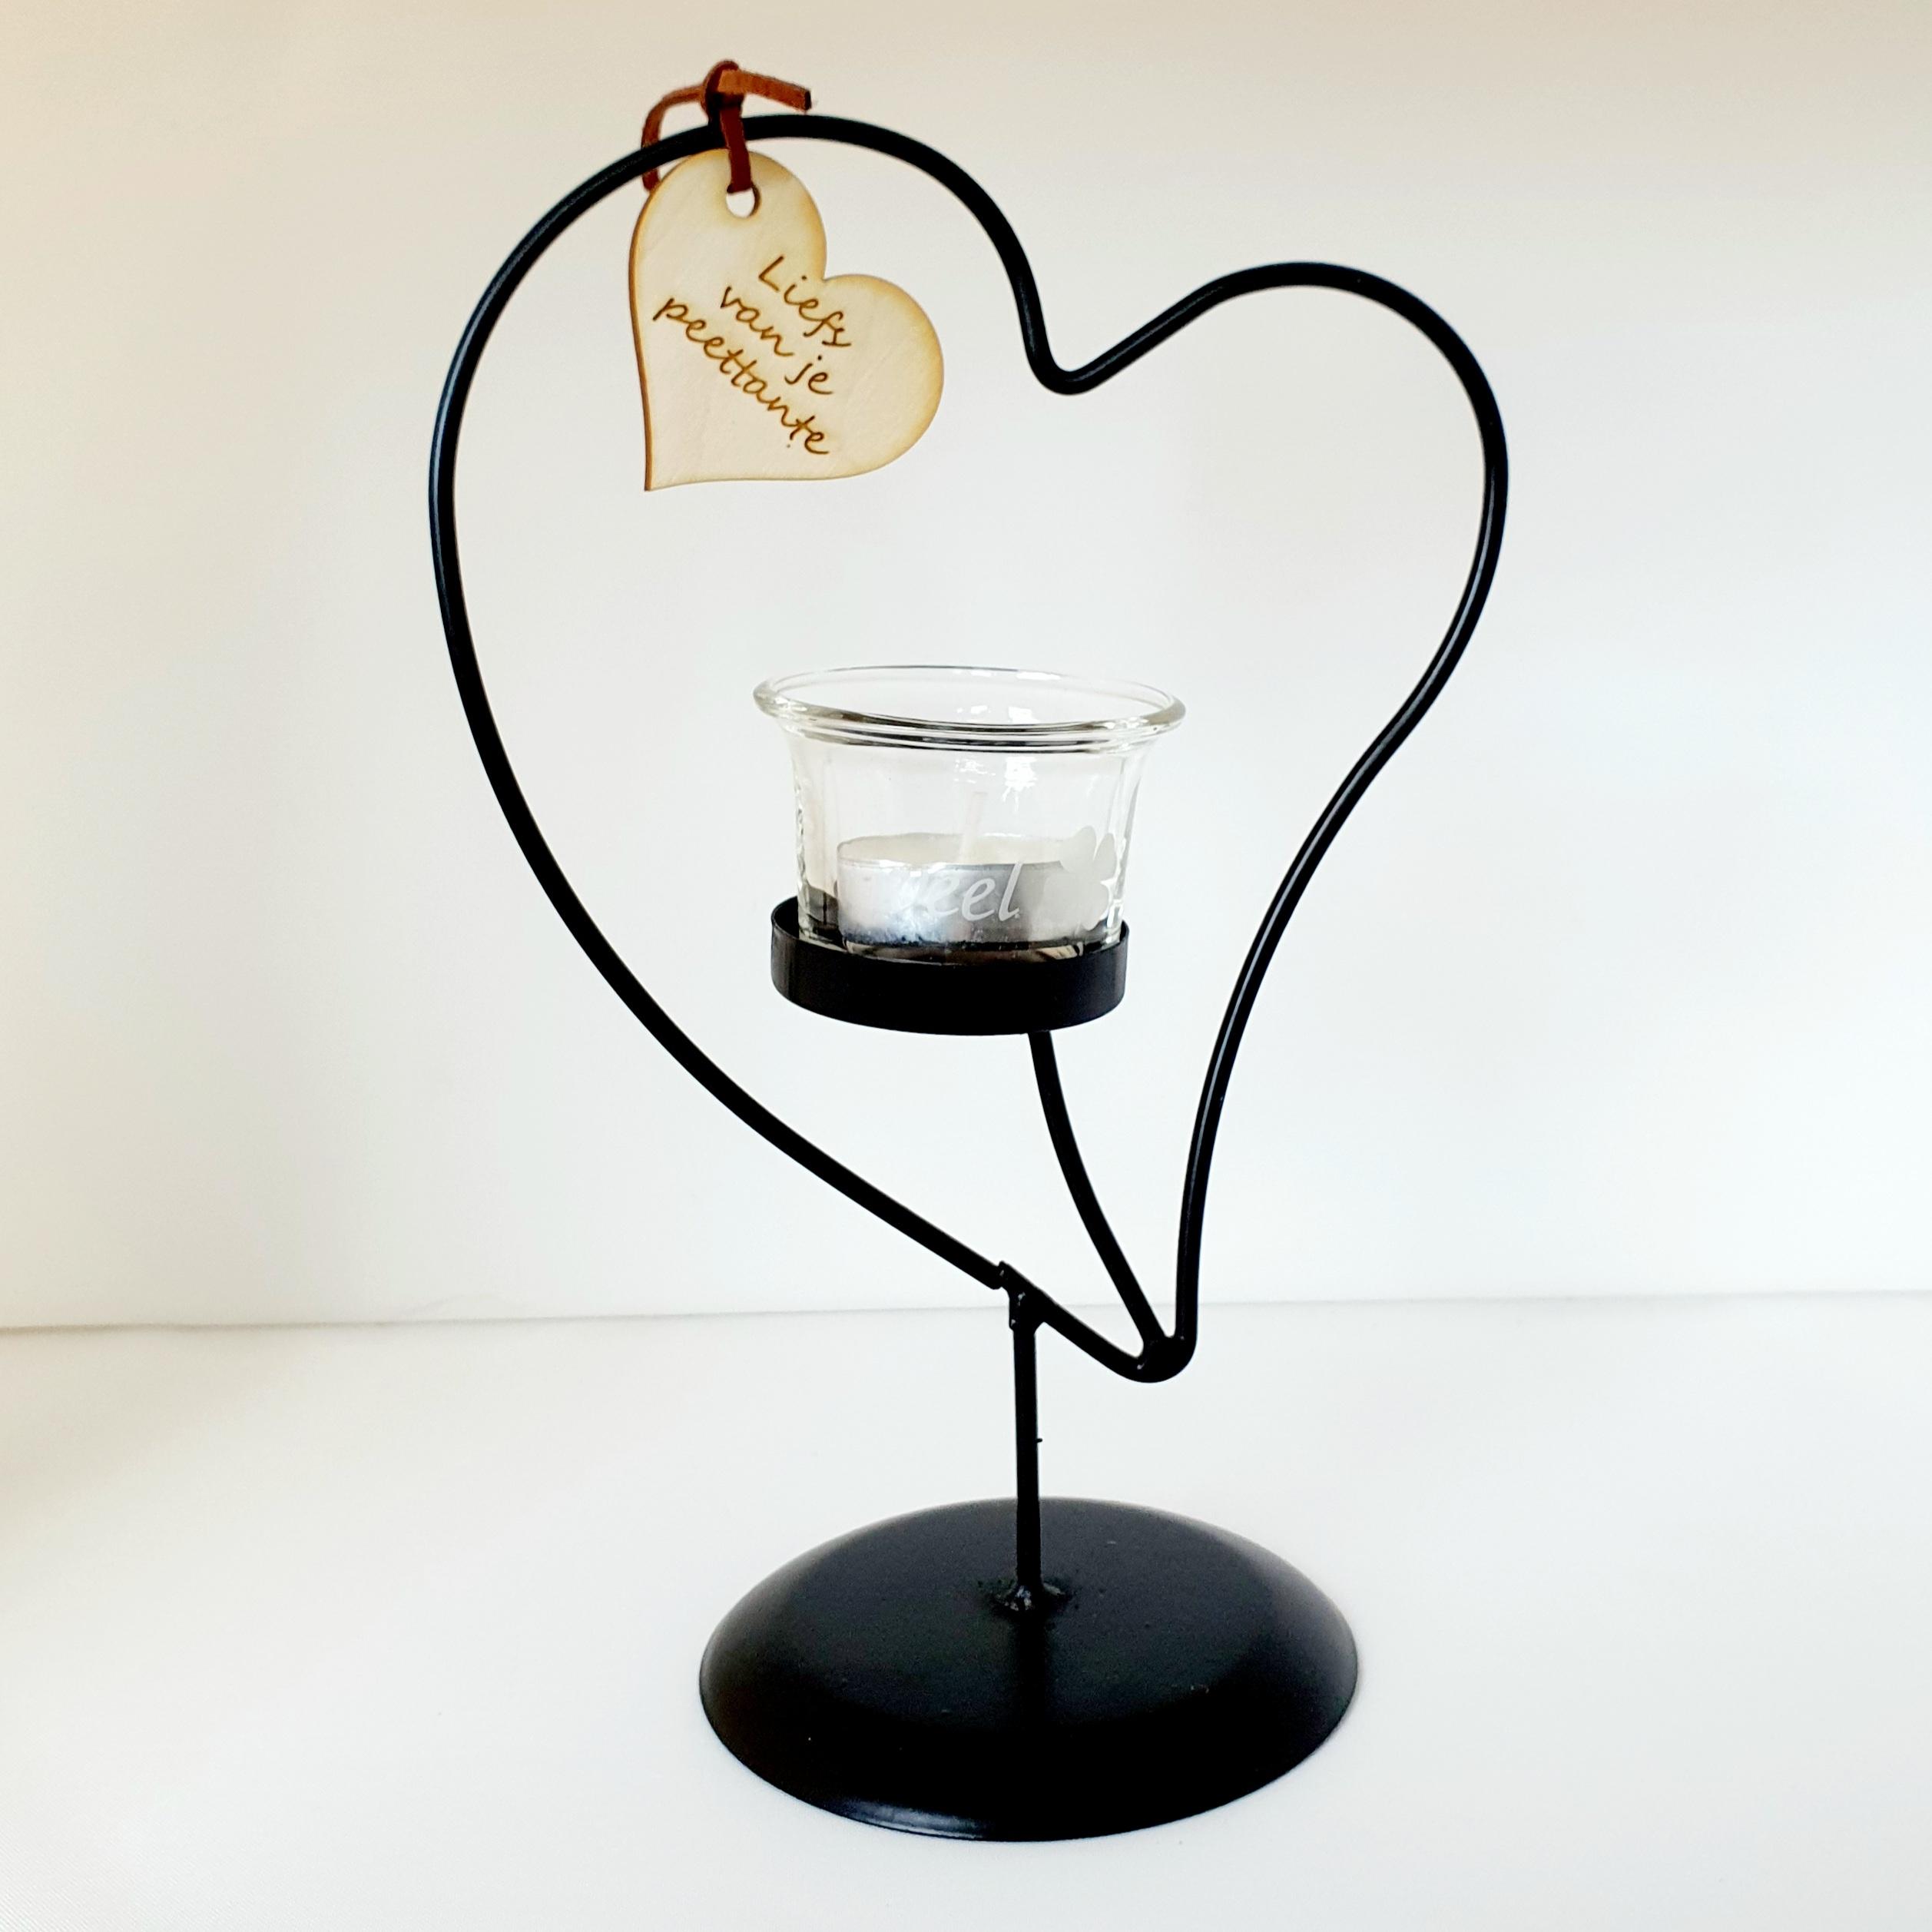 label-graveren-zwart-sfeerlicht-hart